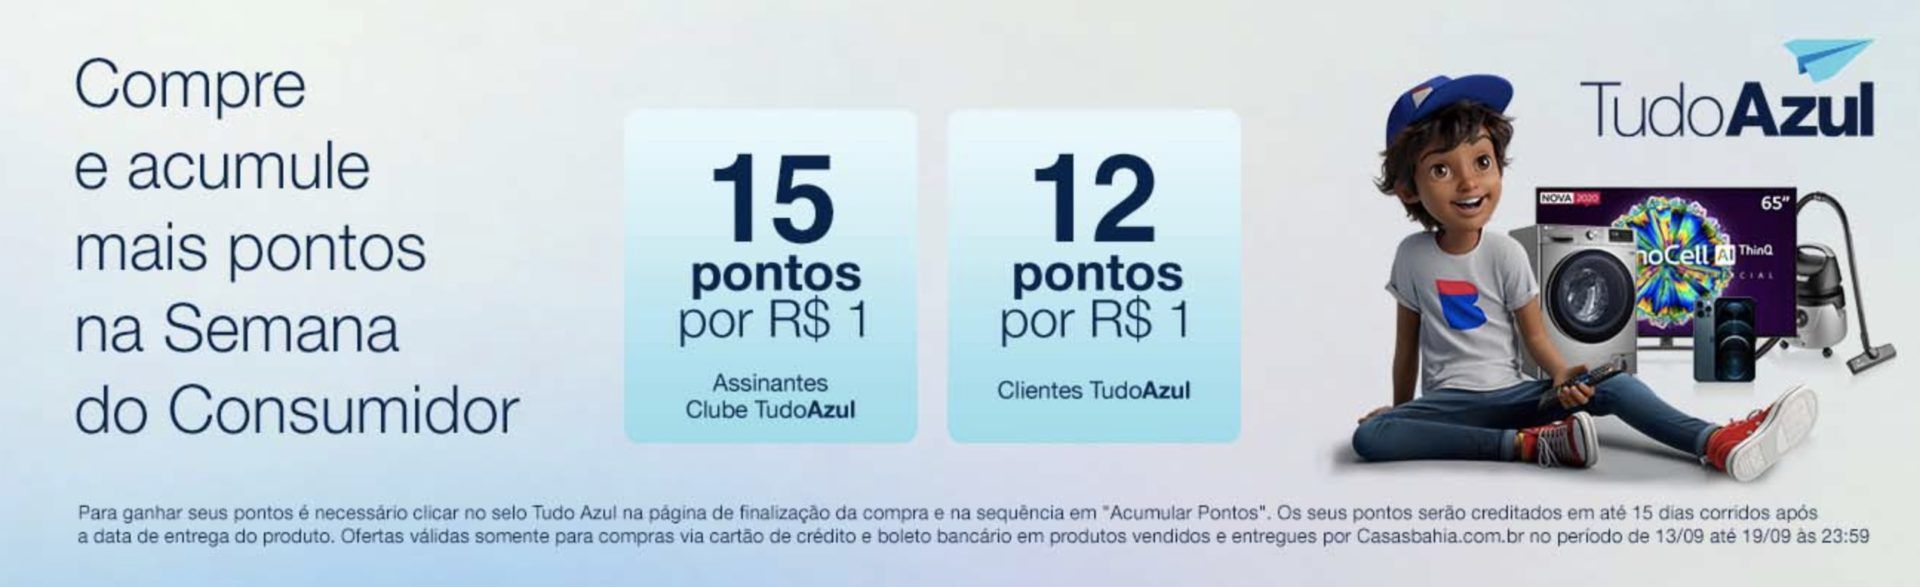 TudoAzul Bahia 15 pontos